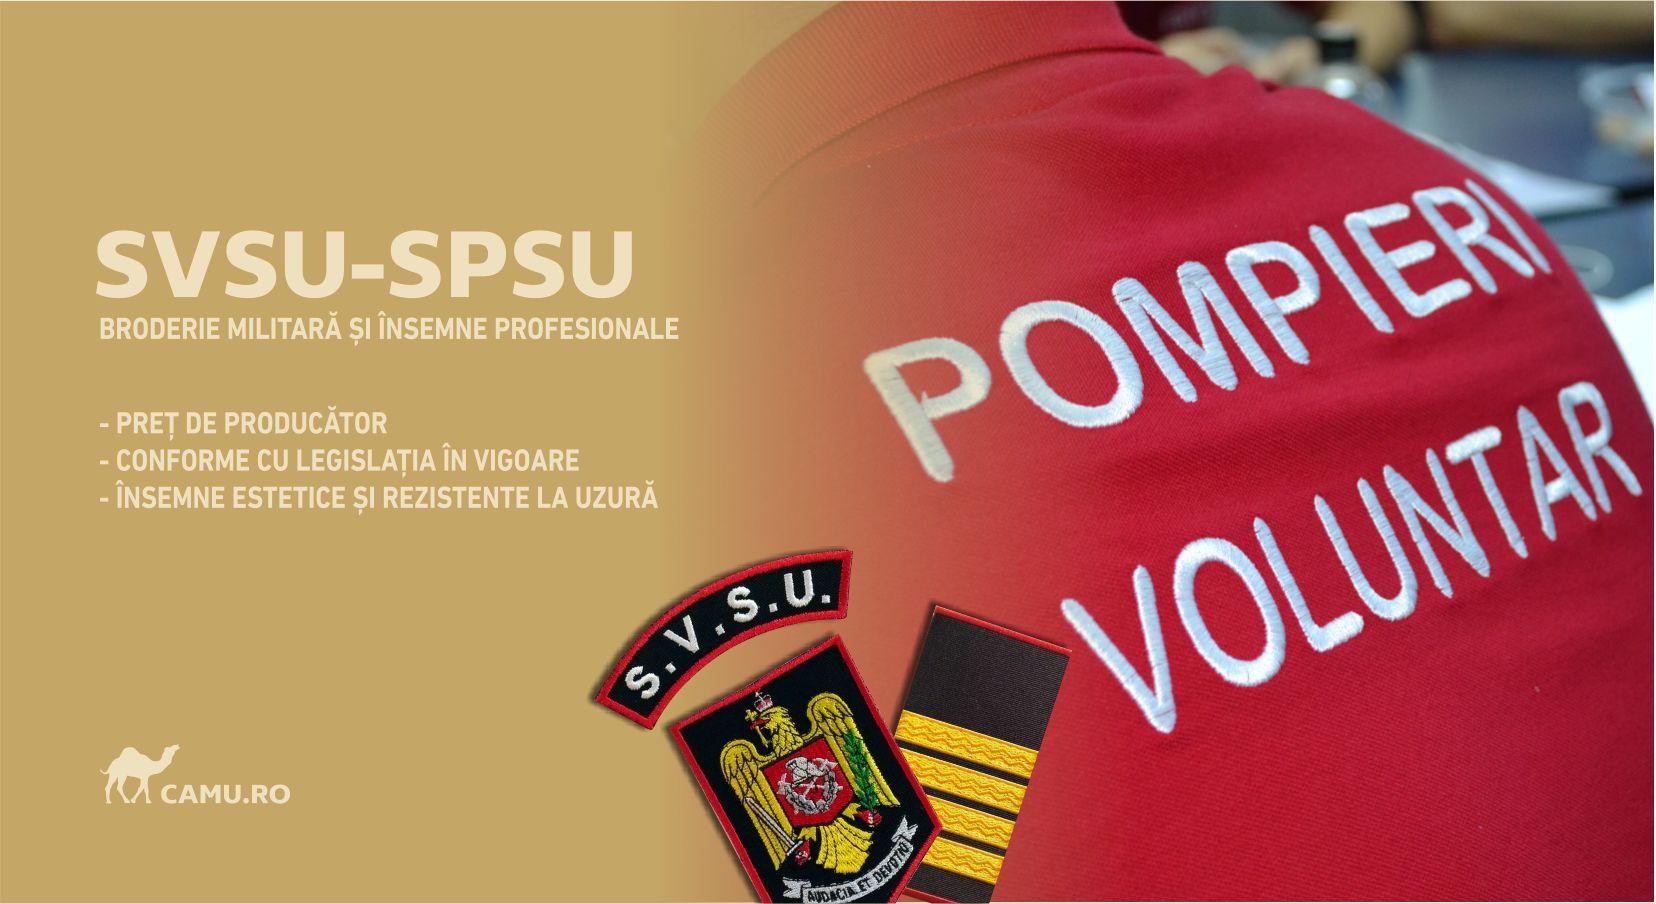 SVSU-SPSU